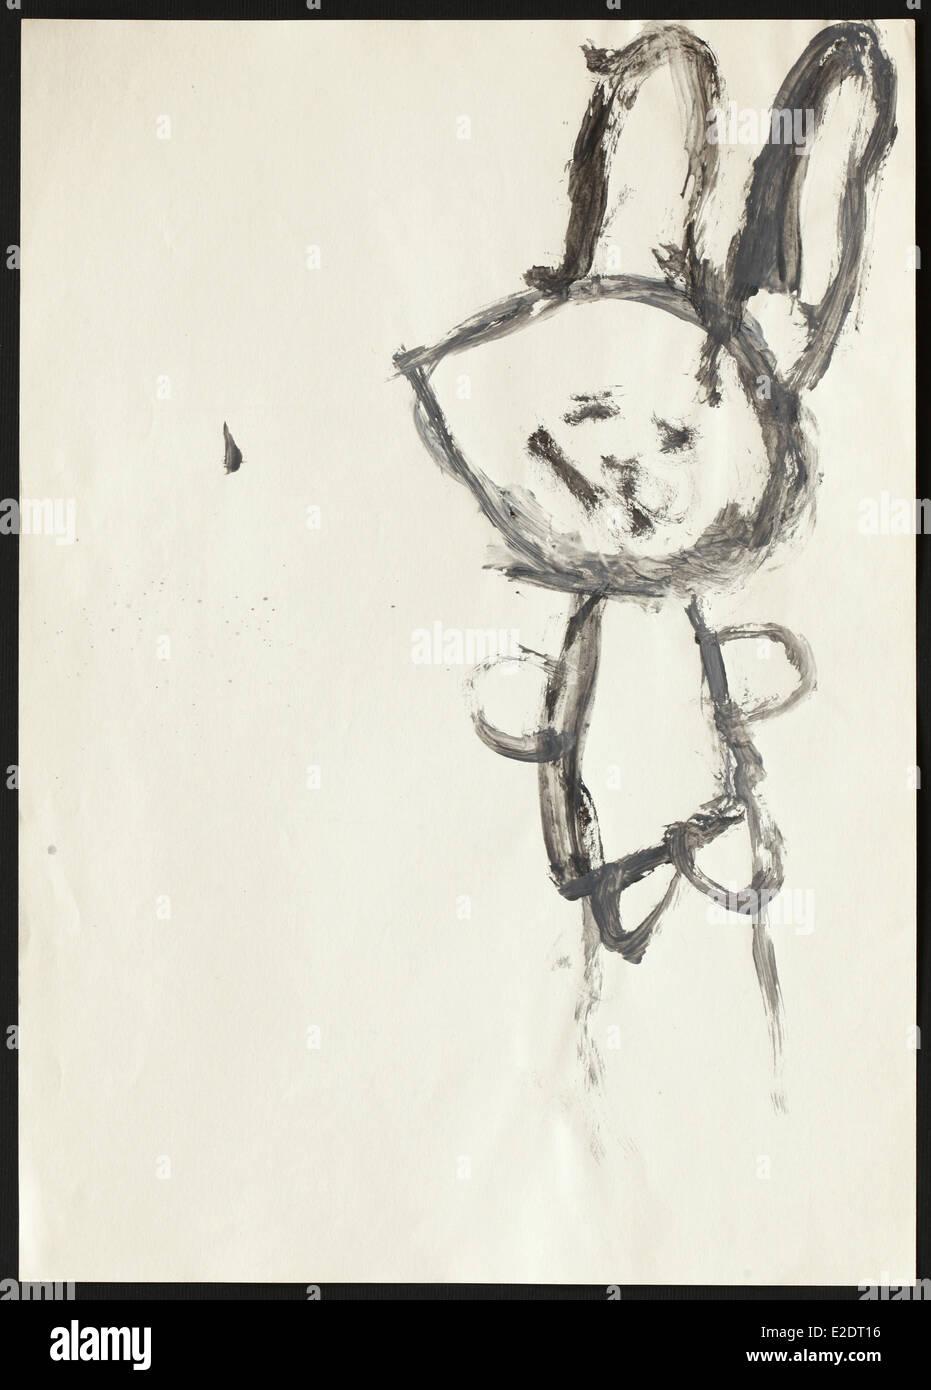 Dessin D Enfant D Origine D Un Lapin Noir Dessiné Par Une